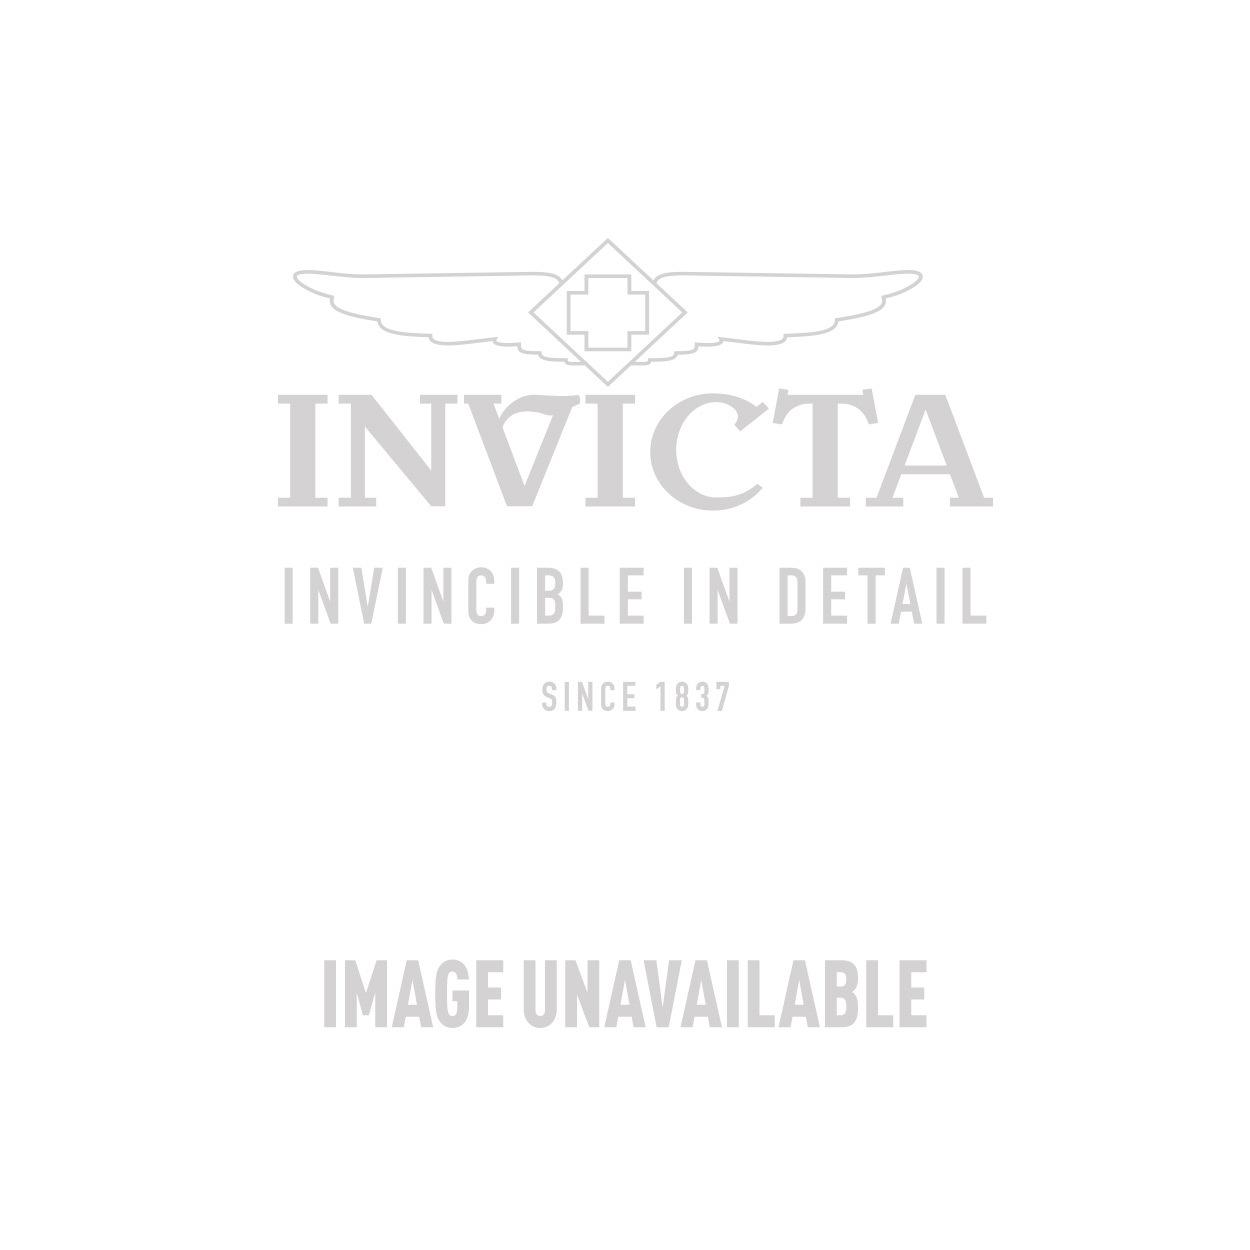 Invicta Model  25824